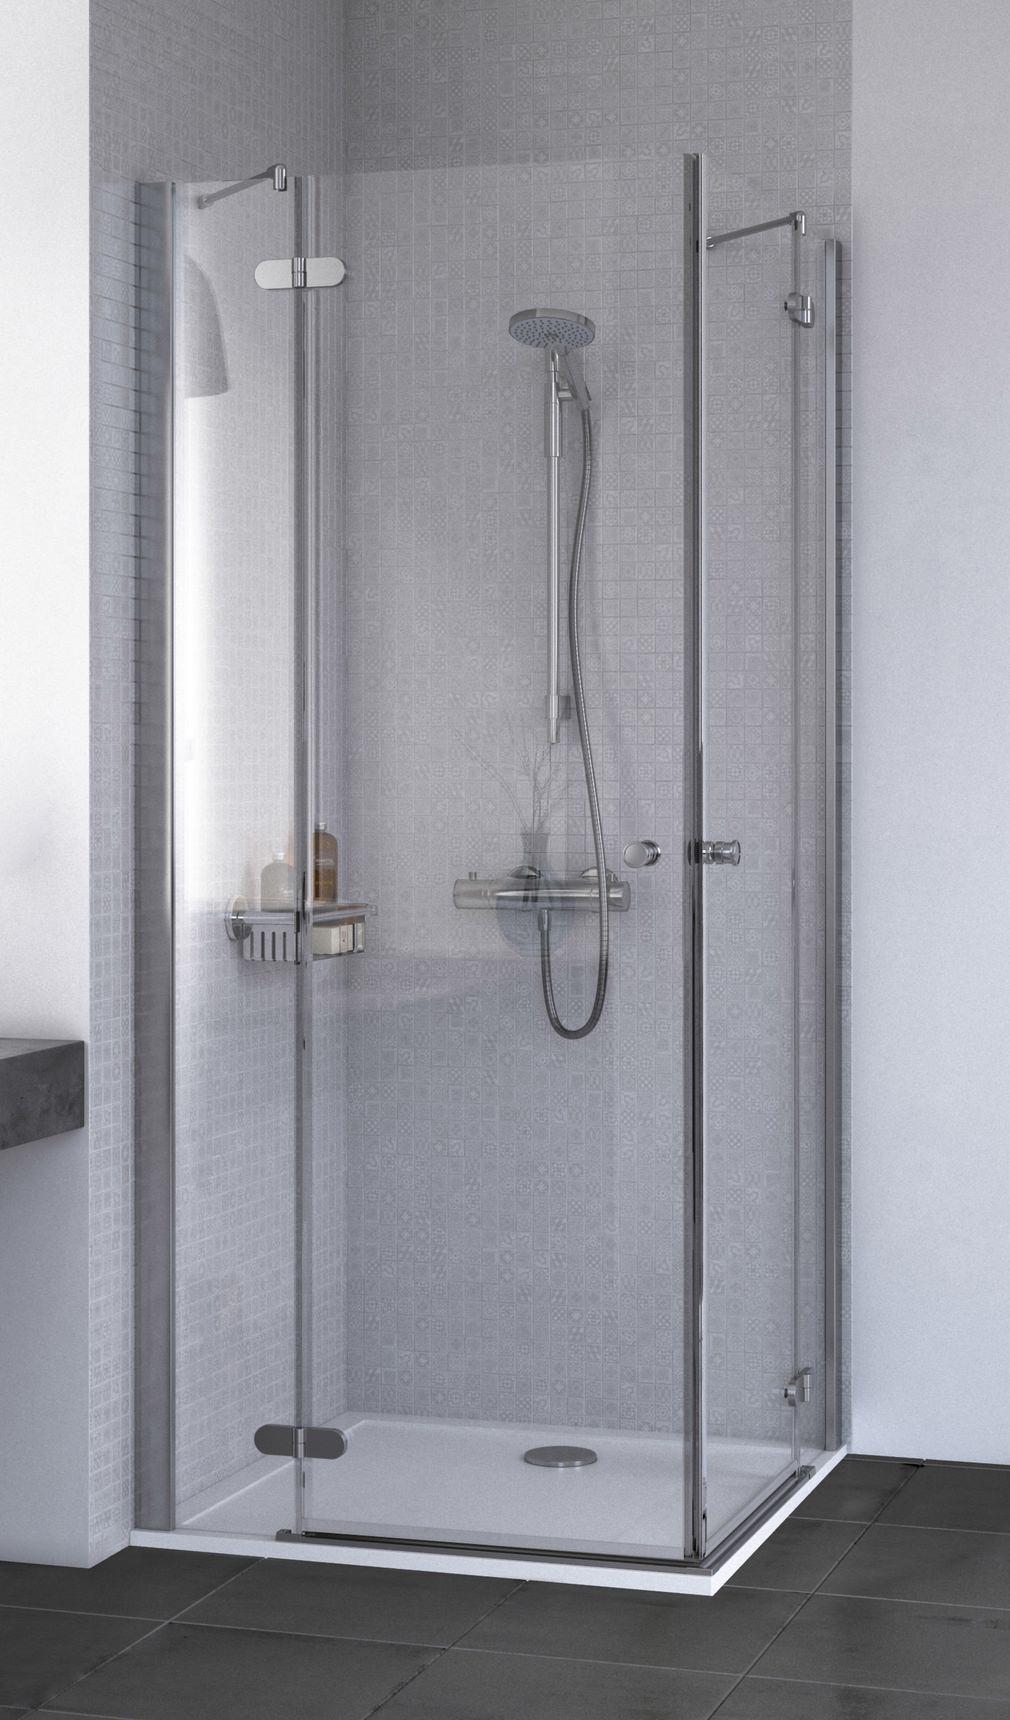 Aqualux Id Match Round 900 X 900mm Corner Entry Shower